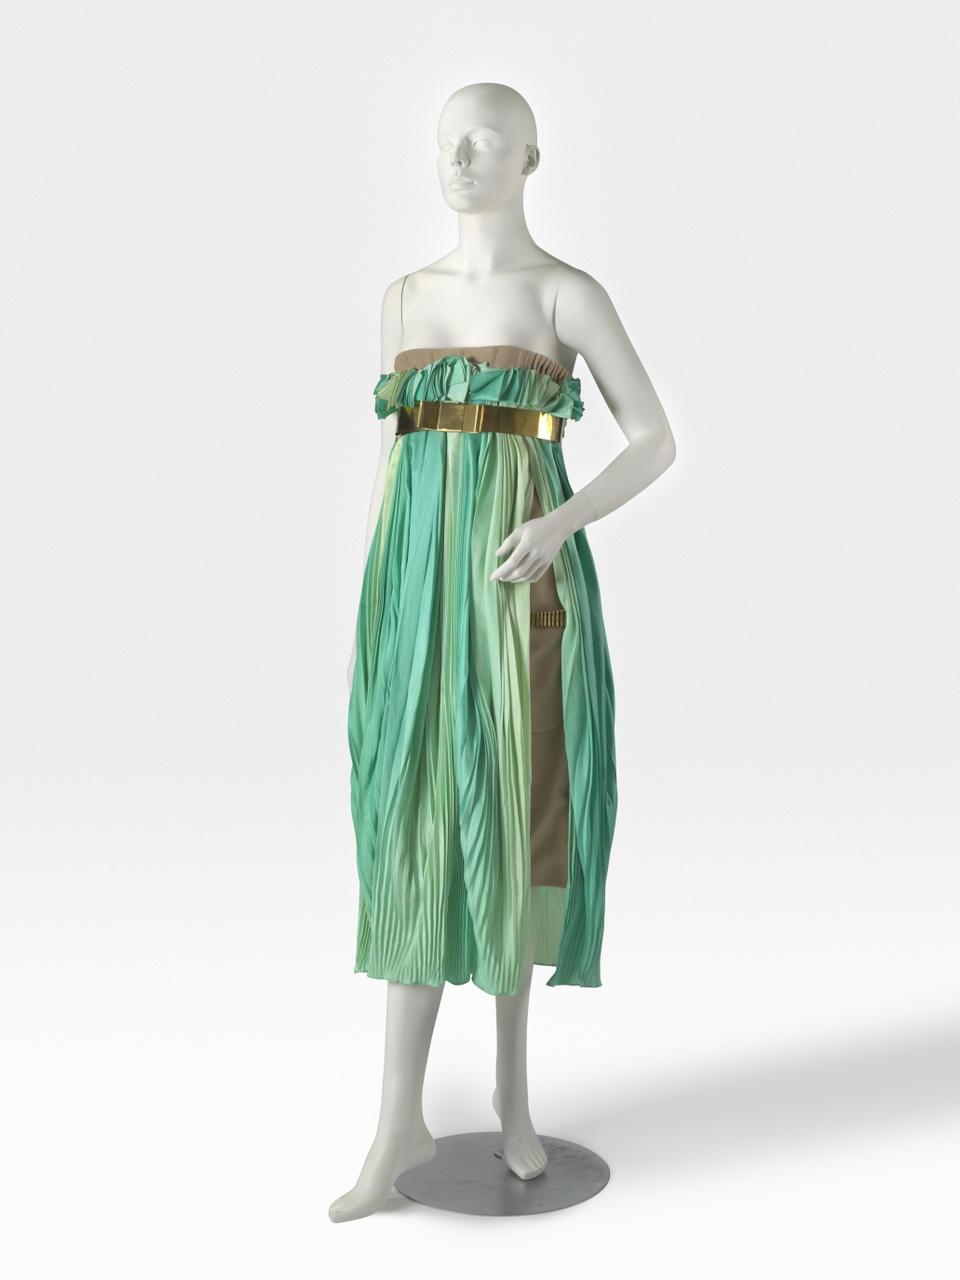 Beige strapless jurk met groene plissé en ceintuur